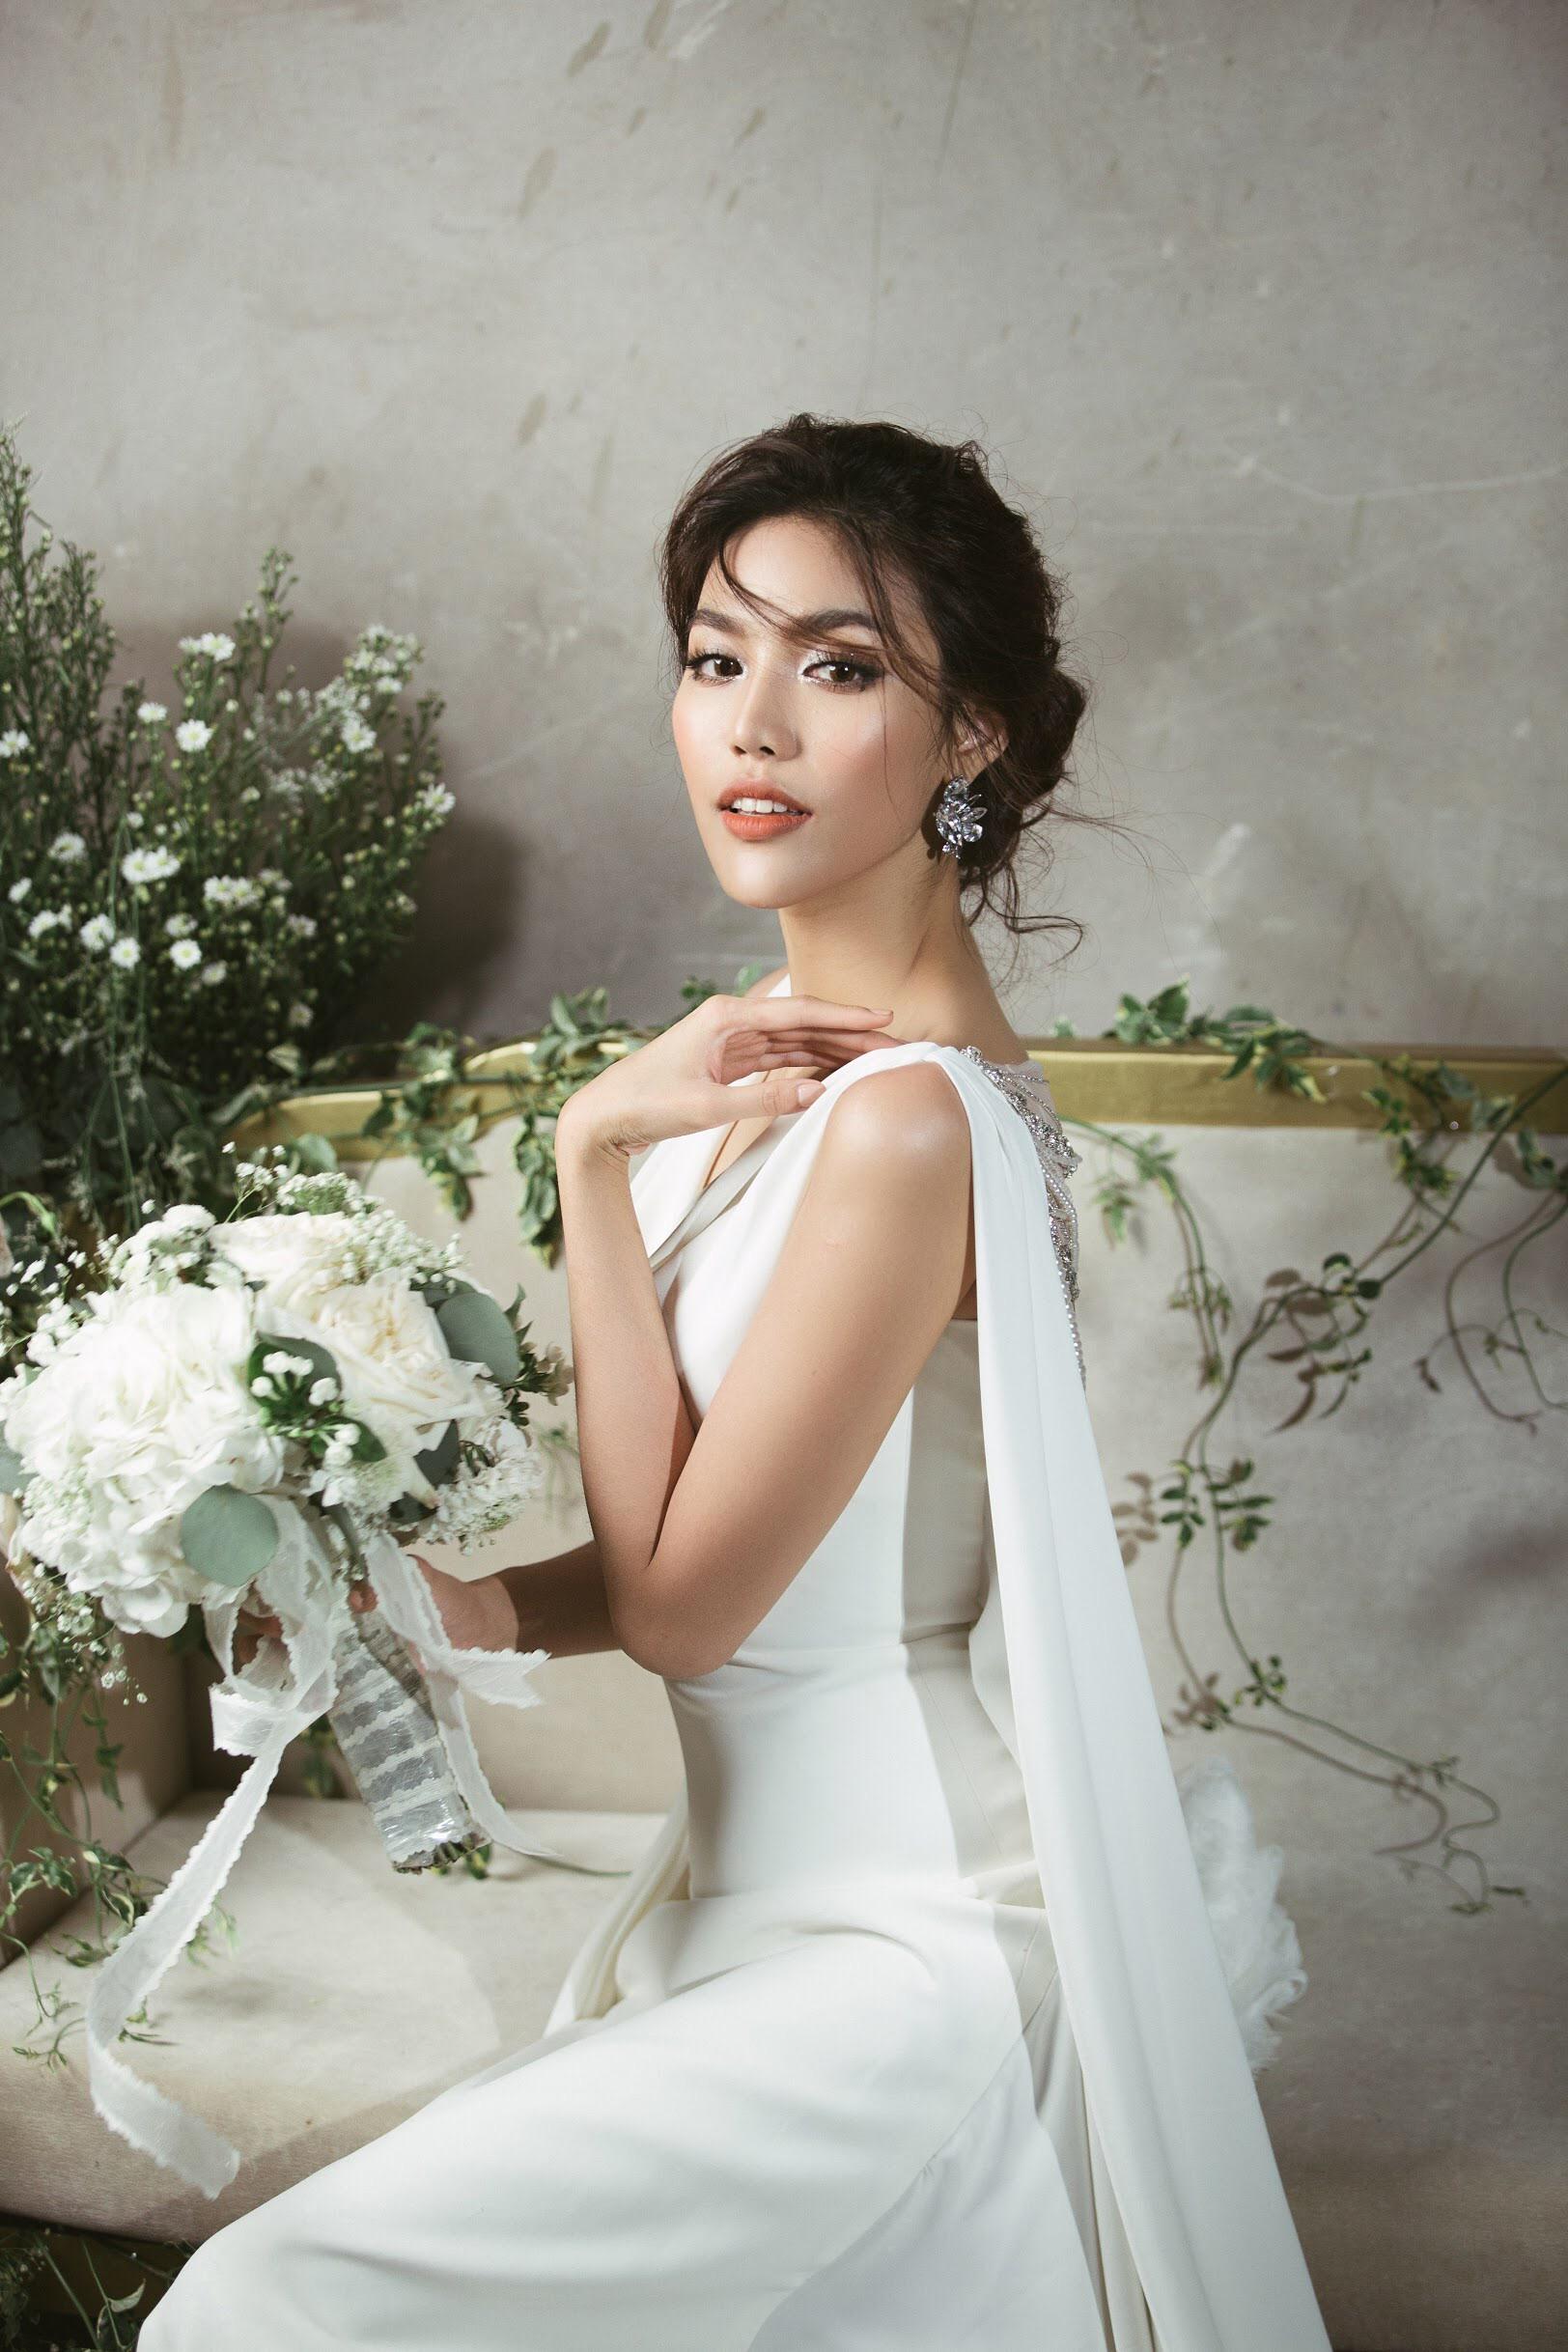 Trước 2 ngày lên xe hoa, loạt ảnh hậu trường thử váy cưới của Lan Khuê chính thức hé lộ - Ảnh 2.